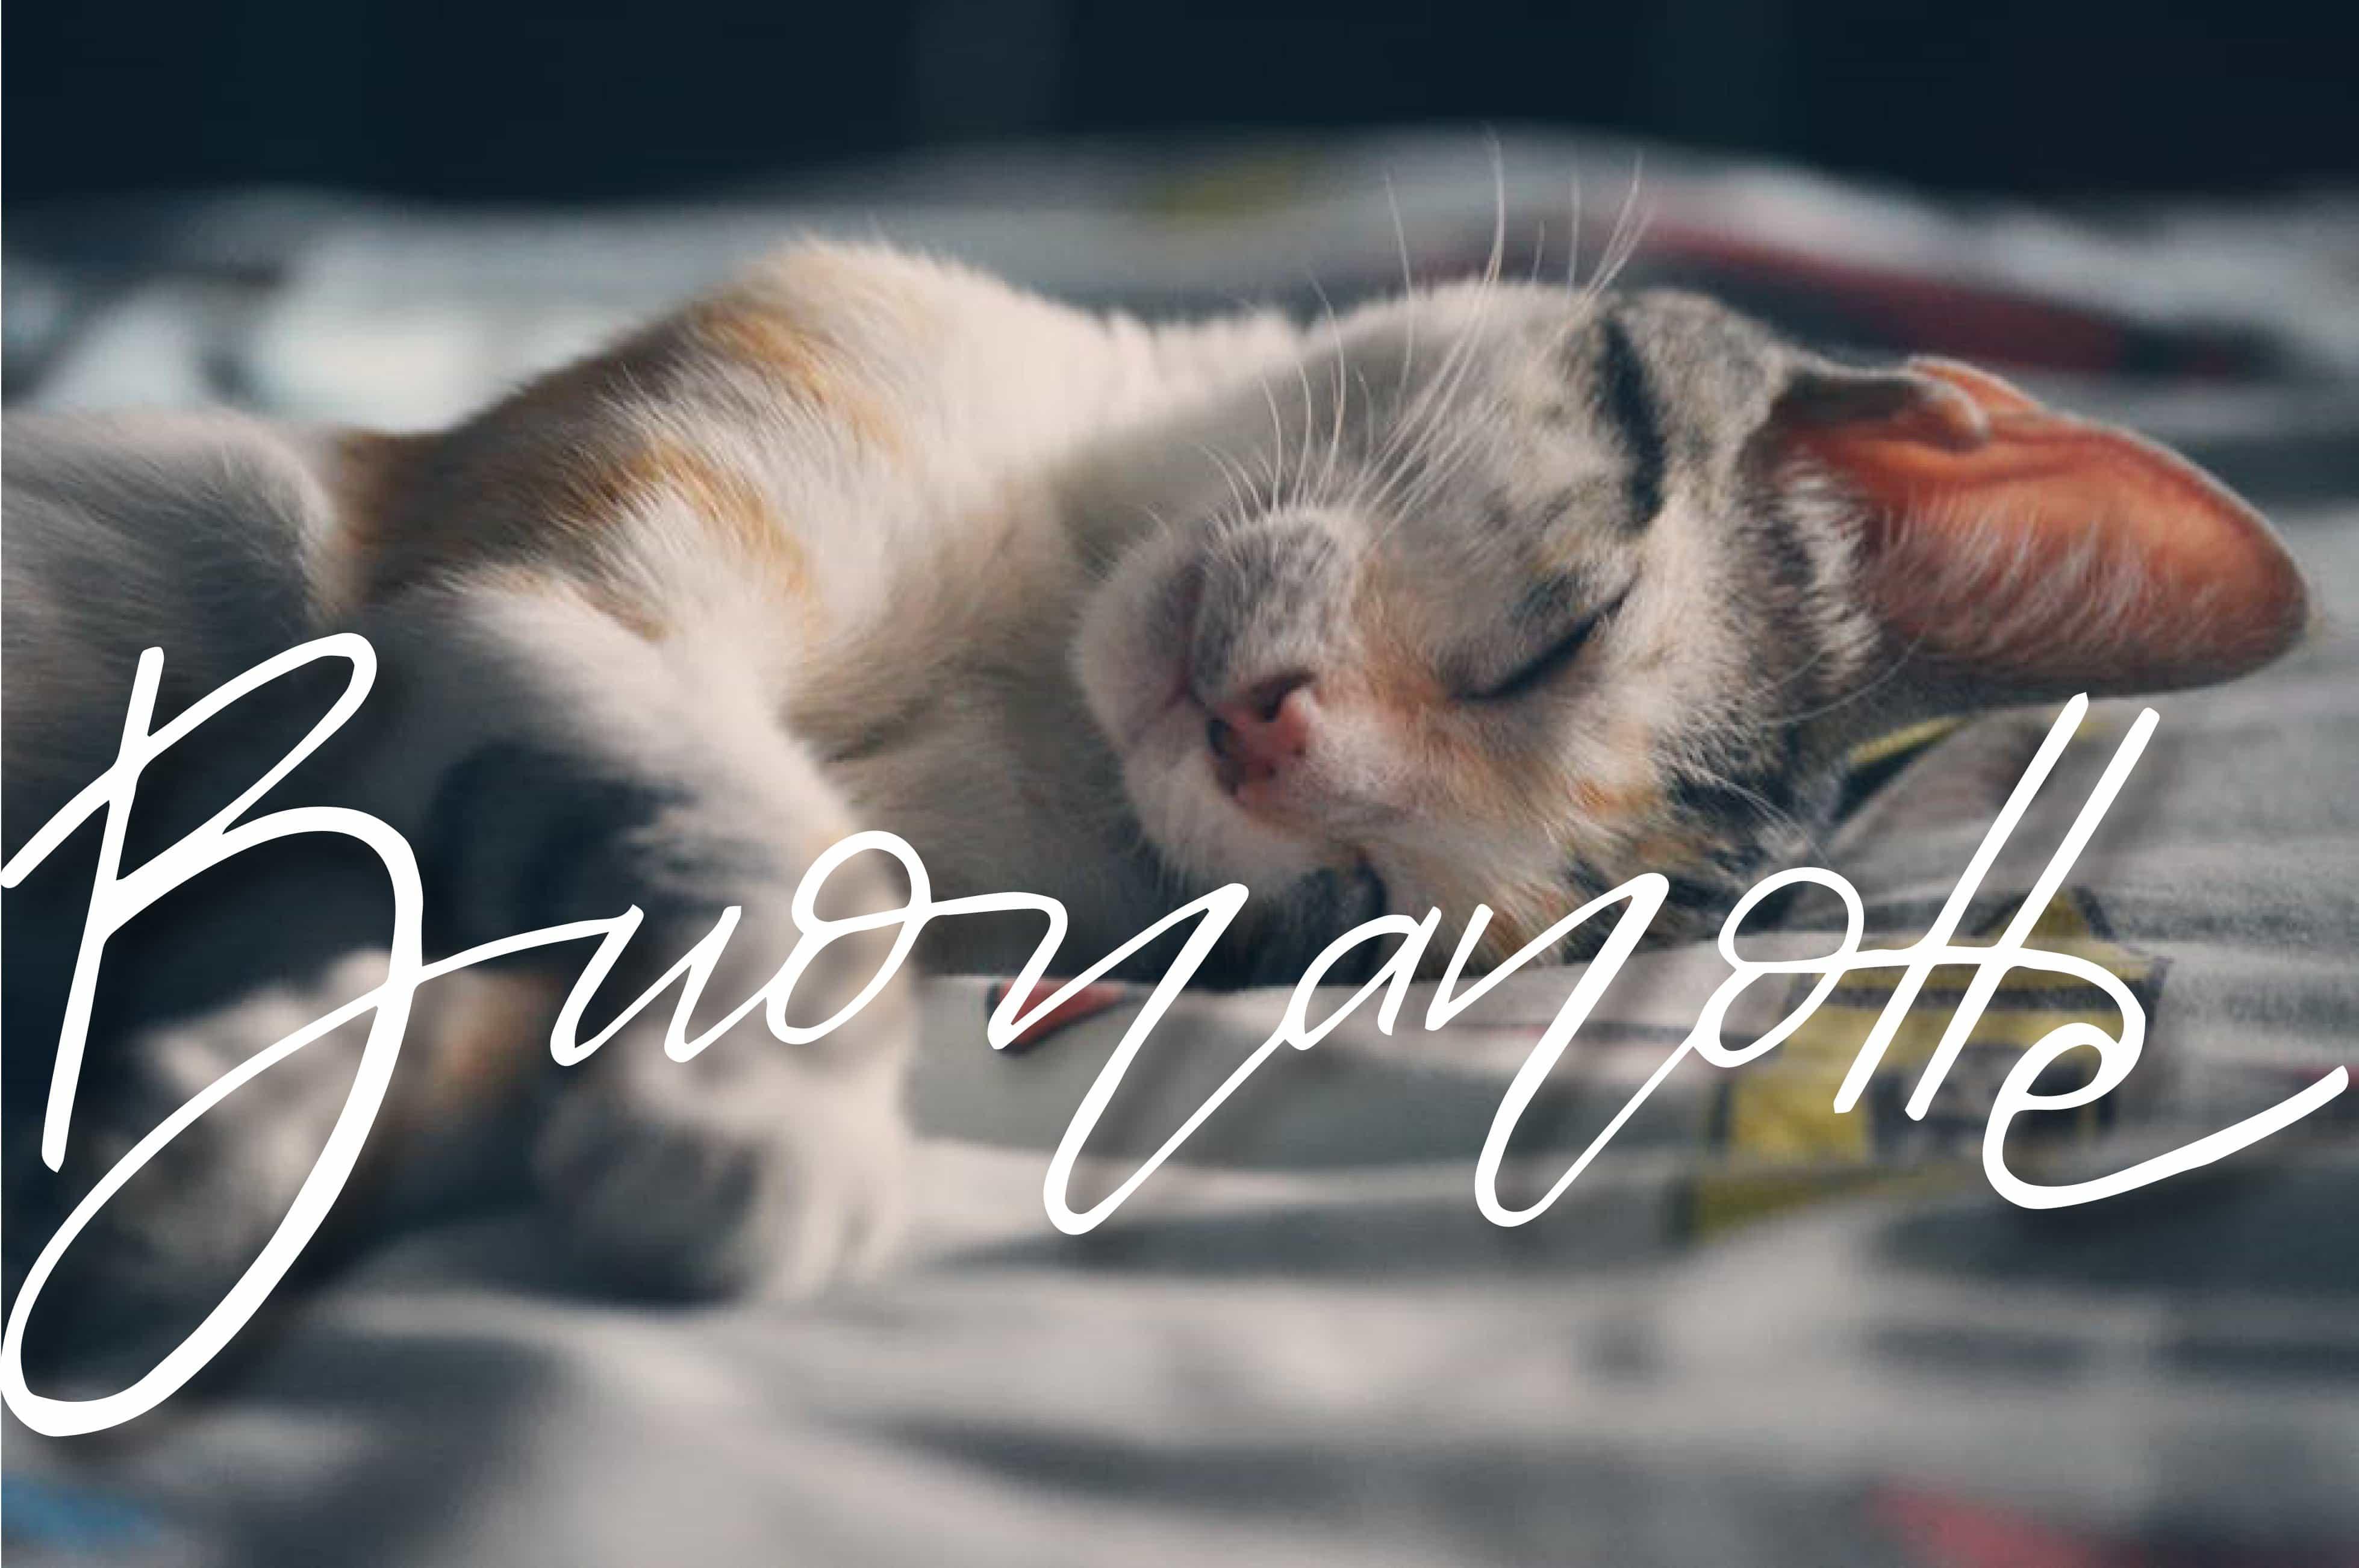 Foto con gatto da augurare buonanotte